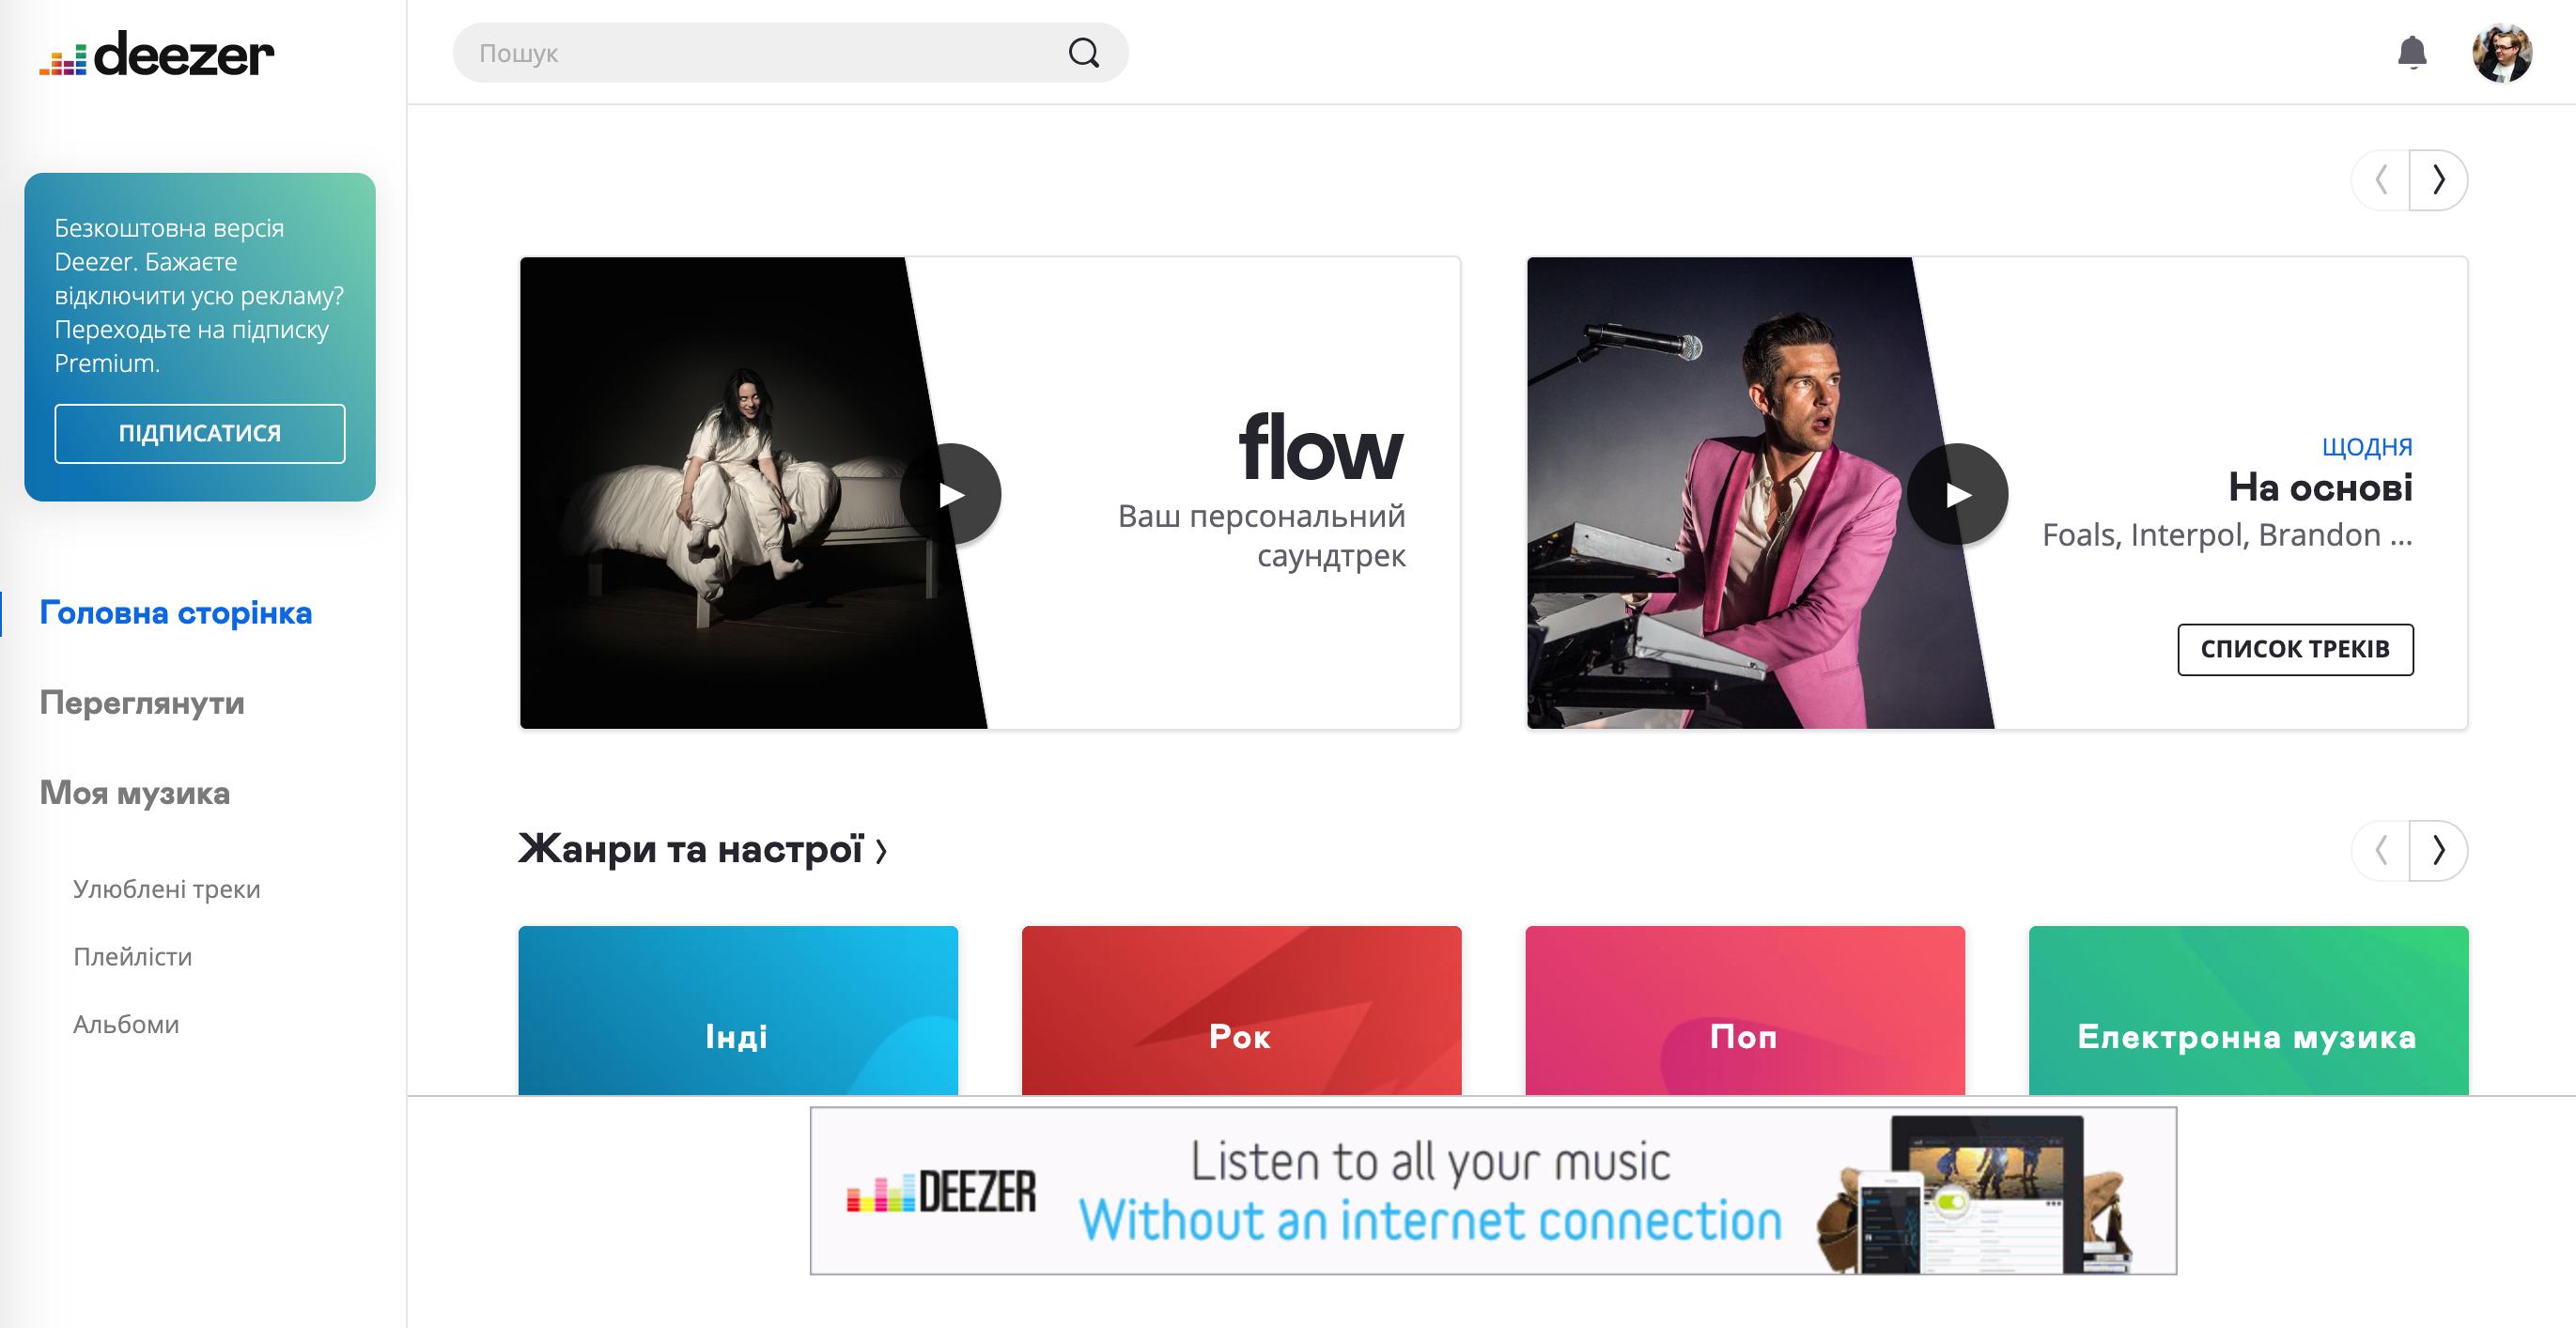 🎸 Оновлення Deezer — музичний сервіс представив новий дизайн та логотип